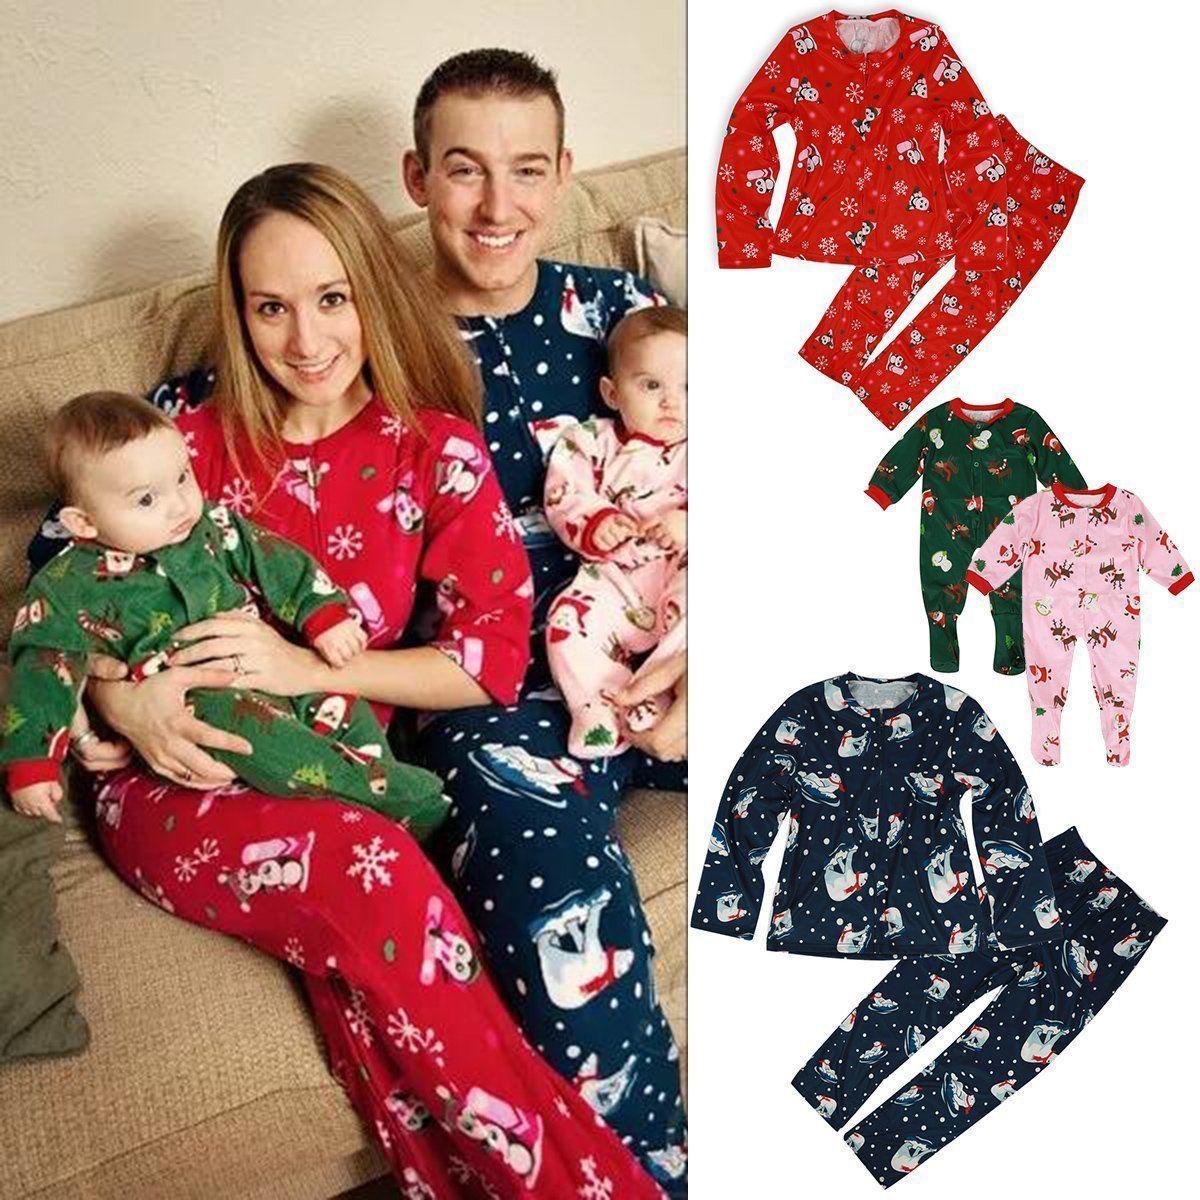 Corrispondenza Family Christmas Pajamas Set Mens delle donne del bambino dei capretti Deer stampa cotone casuali 2pcs degli indumenti da notte copre gli insiemi